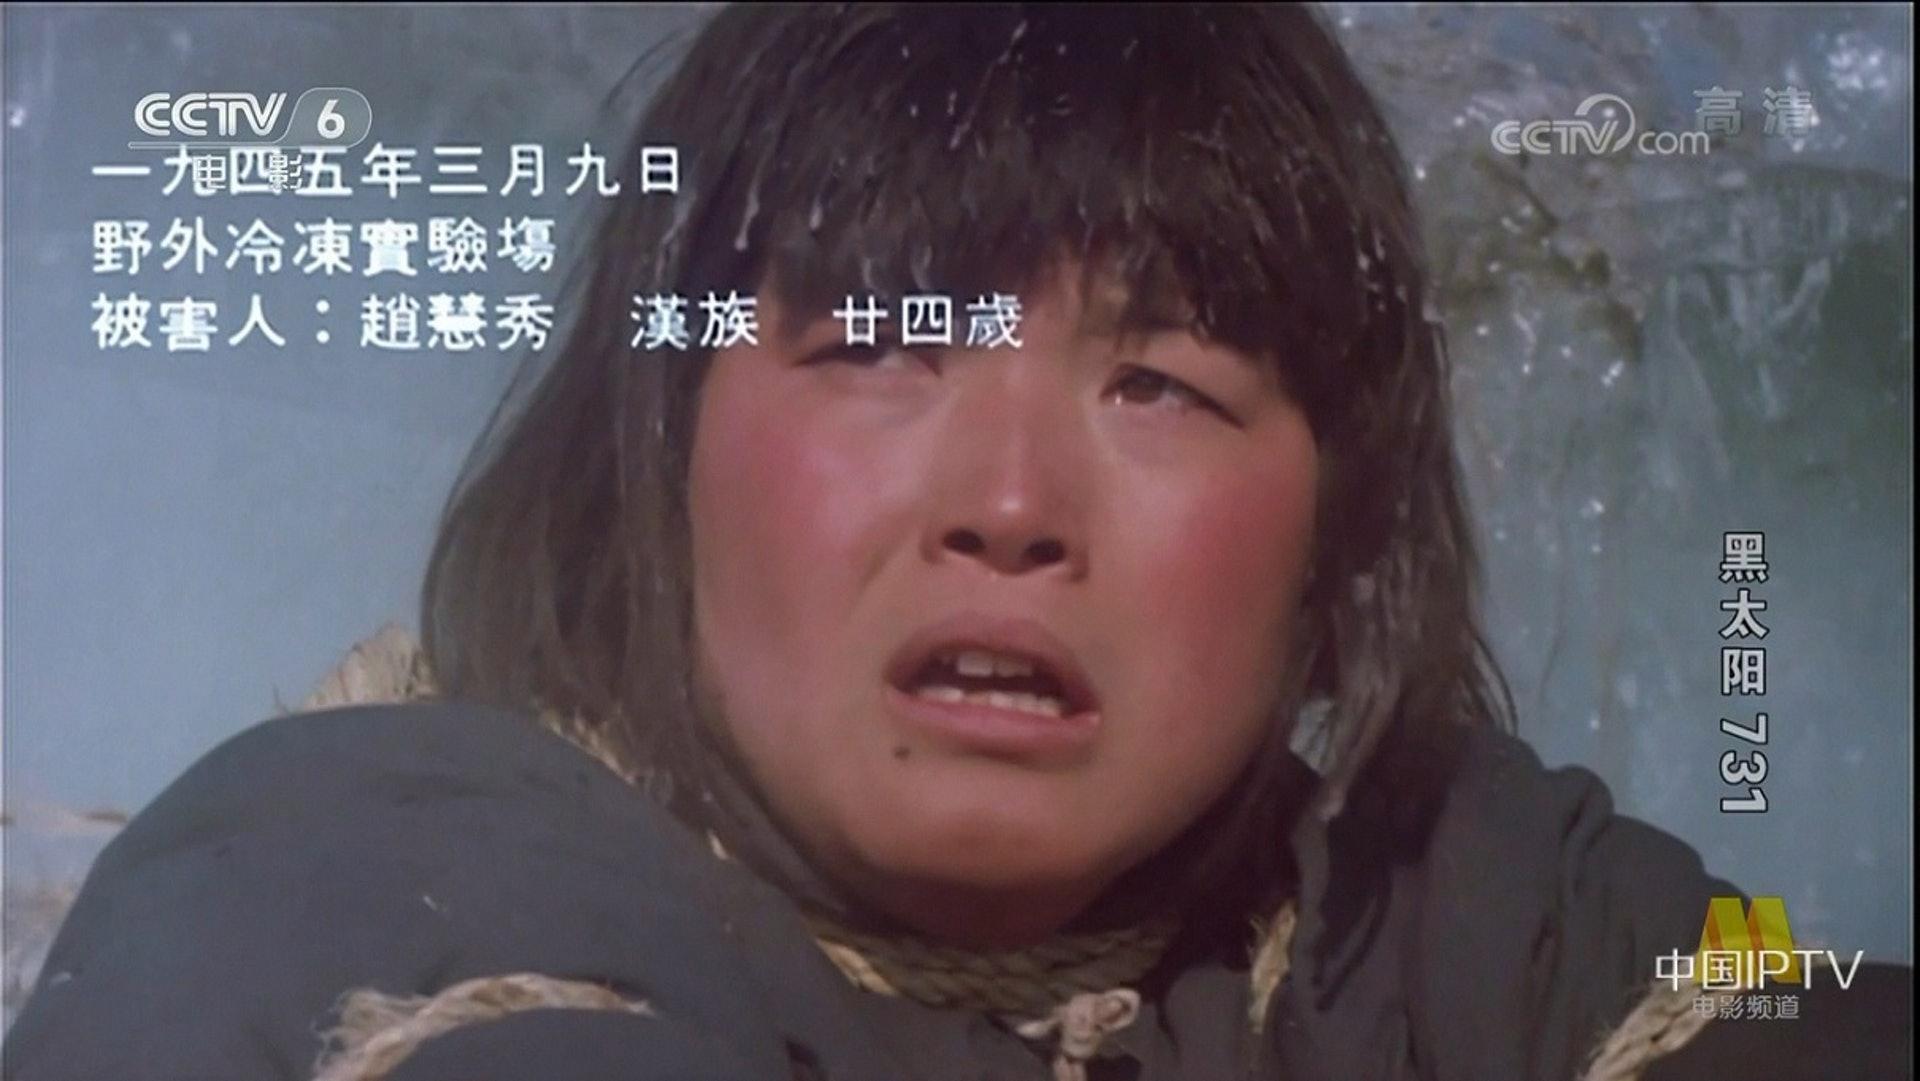 電影另一幕最嚇人,要數一名女子被帶到冰天雪地,雙手雪到變冰後被打碎,原來這個角色的扮演者是導演的外甥女。由於拍攝過程太辛苦,演員曾一度想放棄,最後還是邊流淚邊完成拍攝,令工作人員為之動容。(影片截圖)